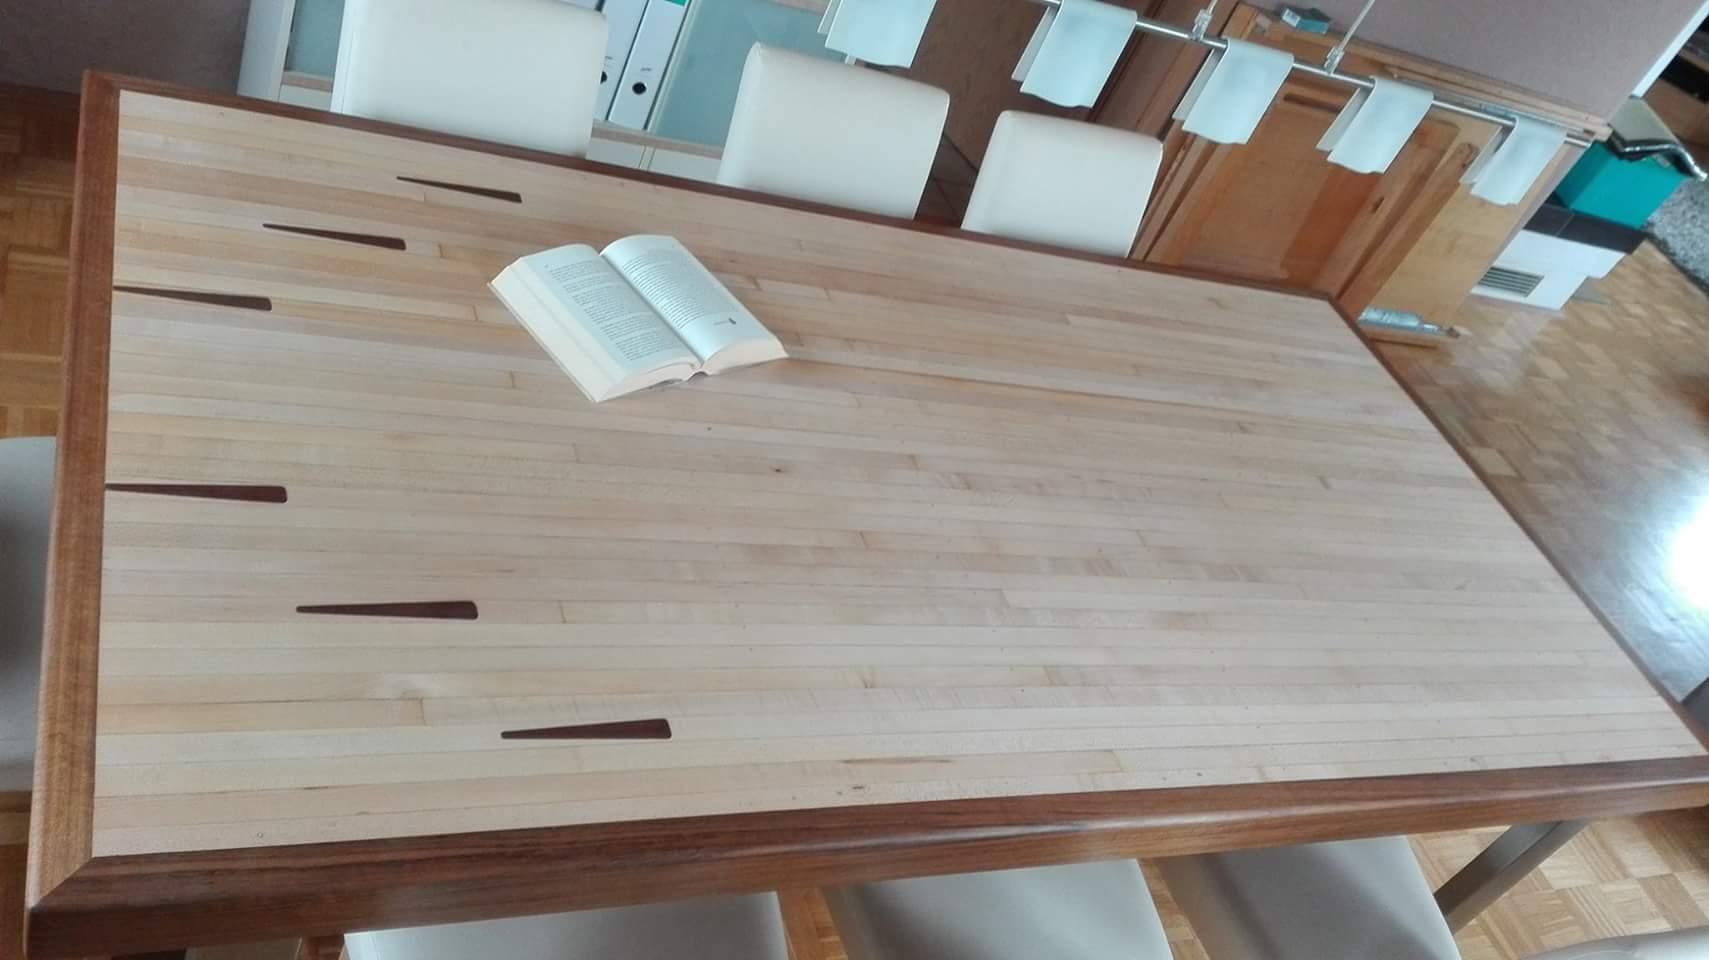 mainTisch Esstisch Schreibtisch Bowlingtisch Schreiner Masstisch 1